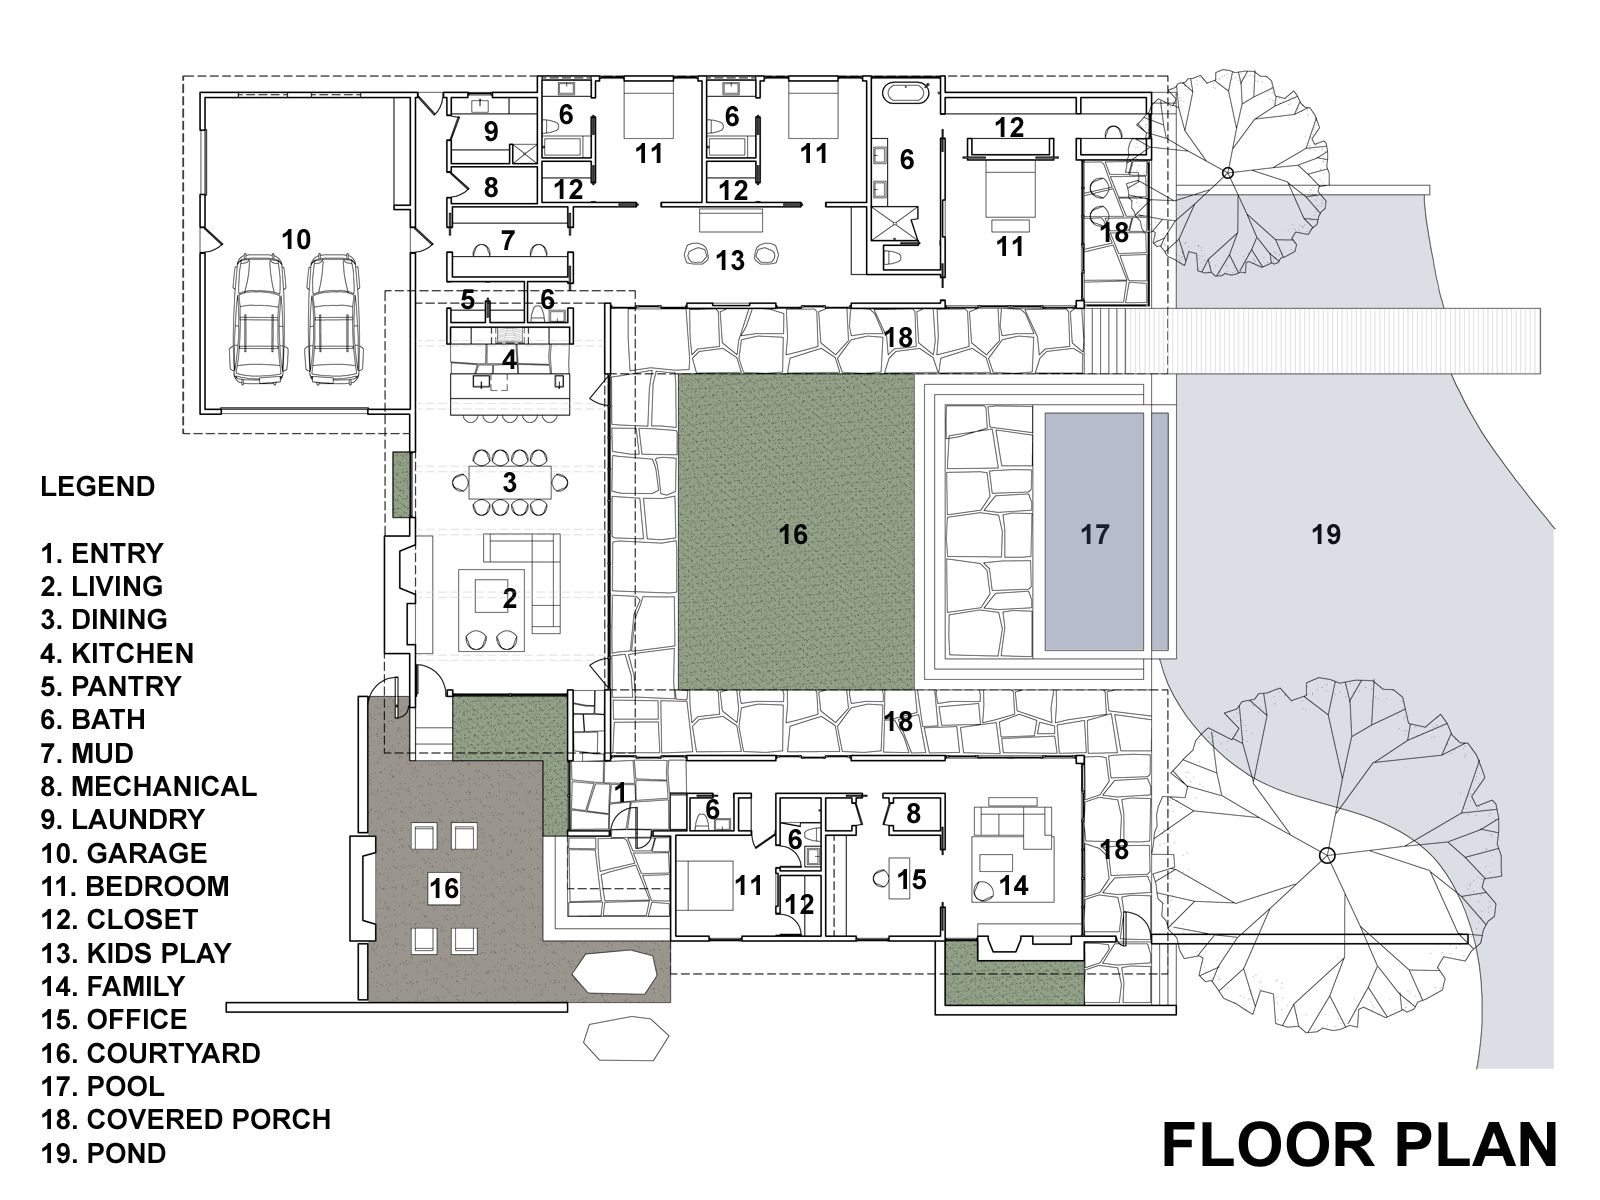 Casa de un piso con cuatro dormitorios construye hogar for Planos de casas con patio interior